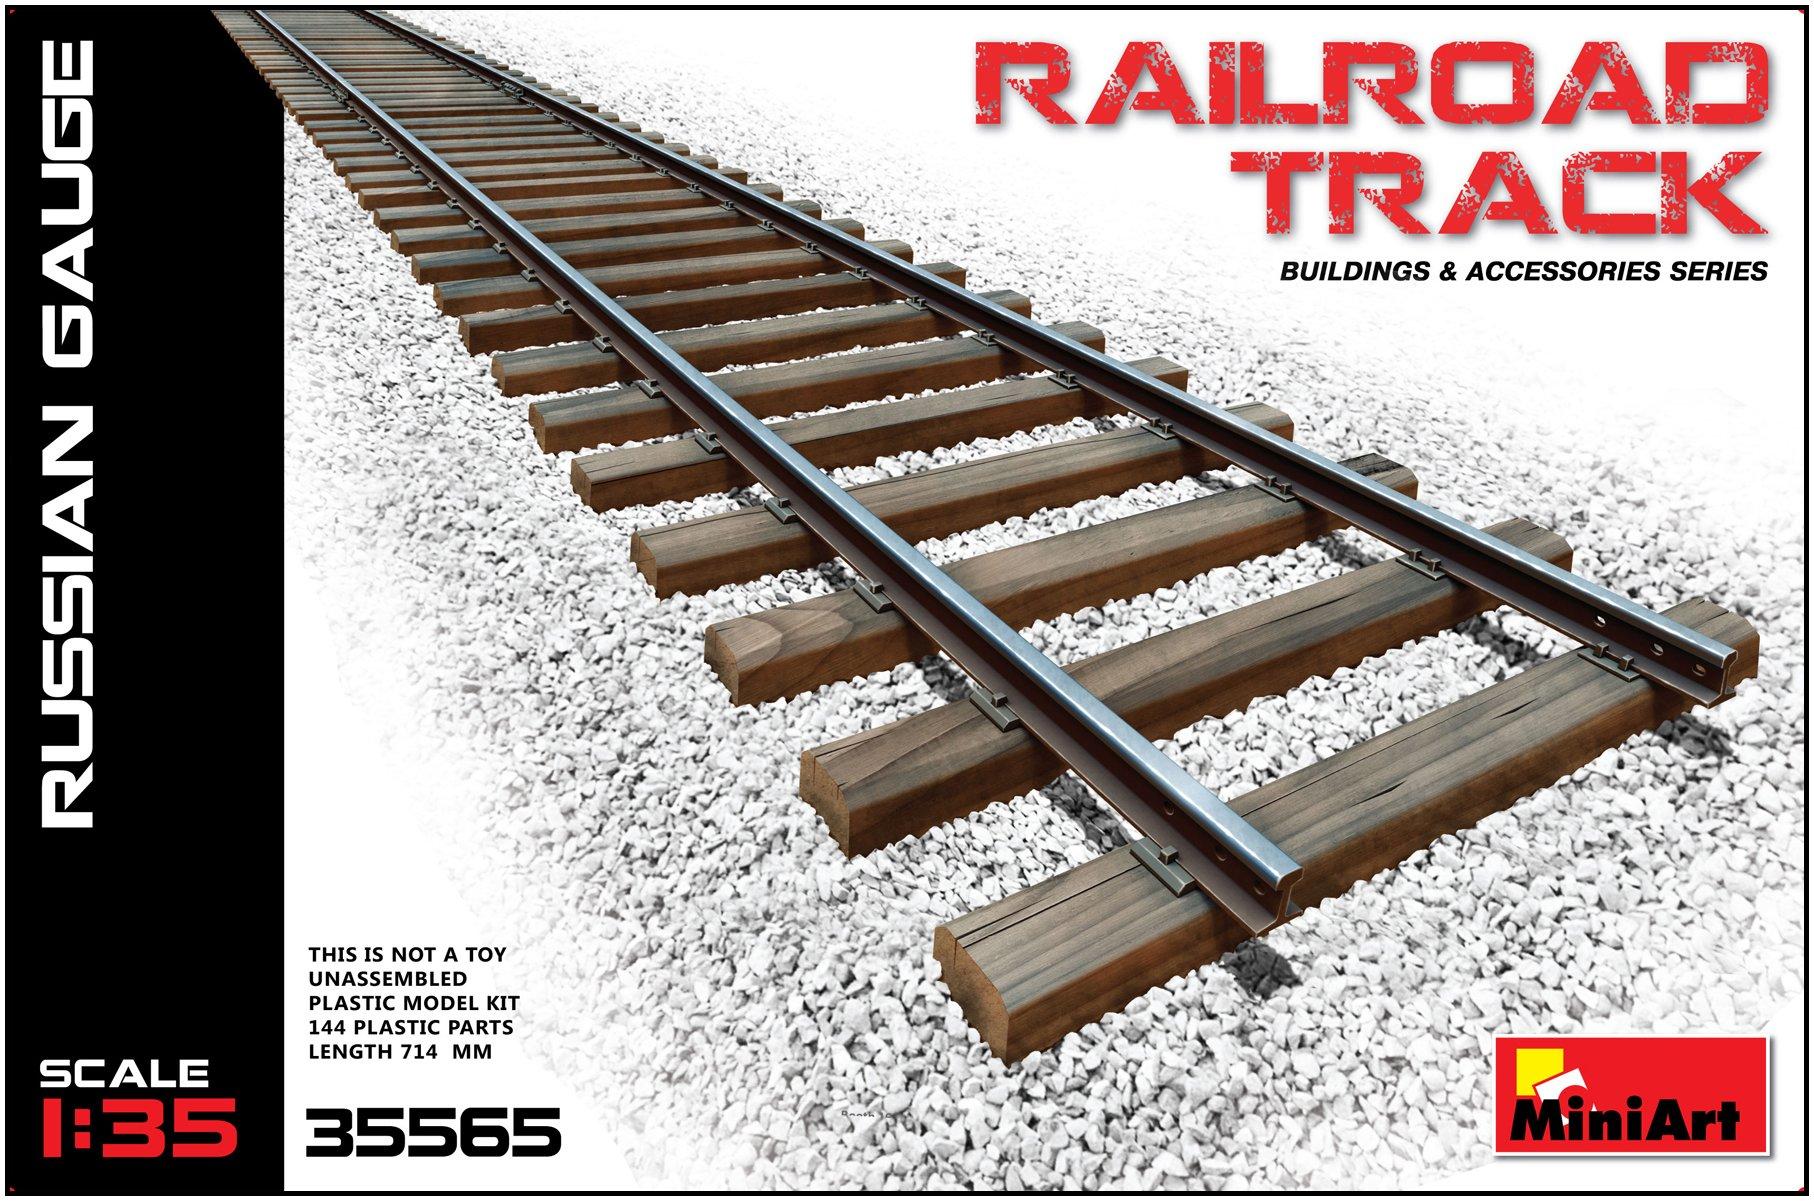 1:35 Miniart Railroad Track Russian Gauge Set Model Kit.